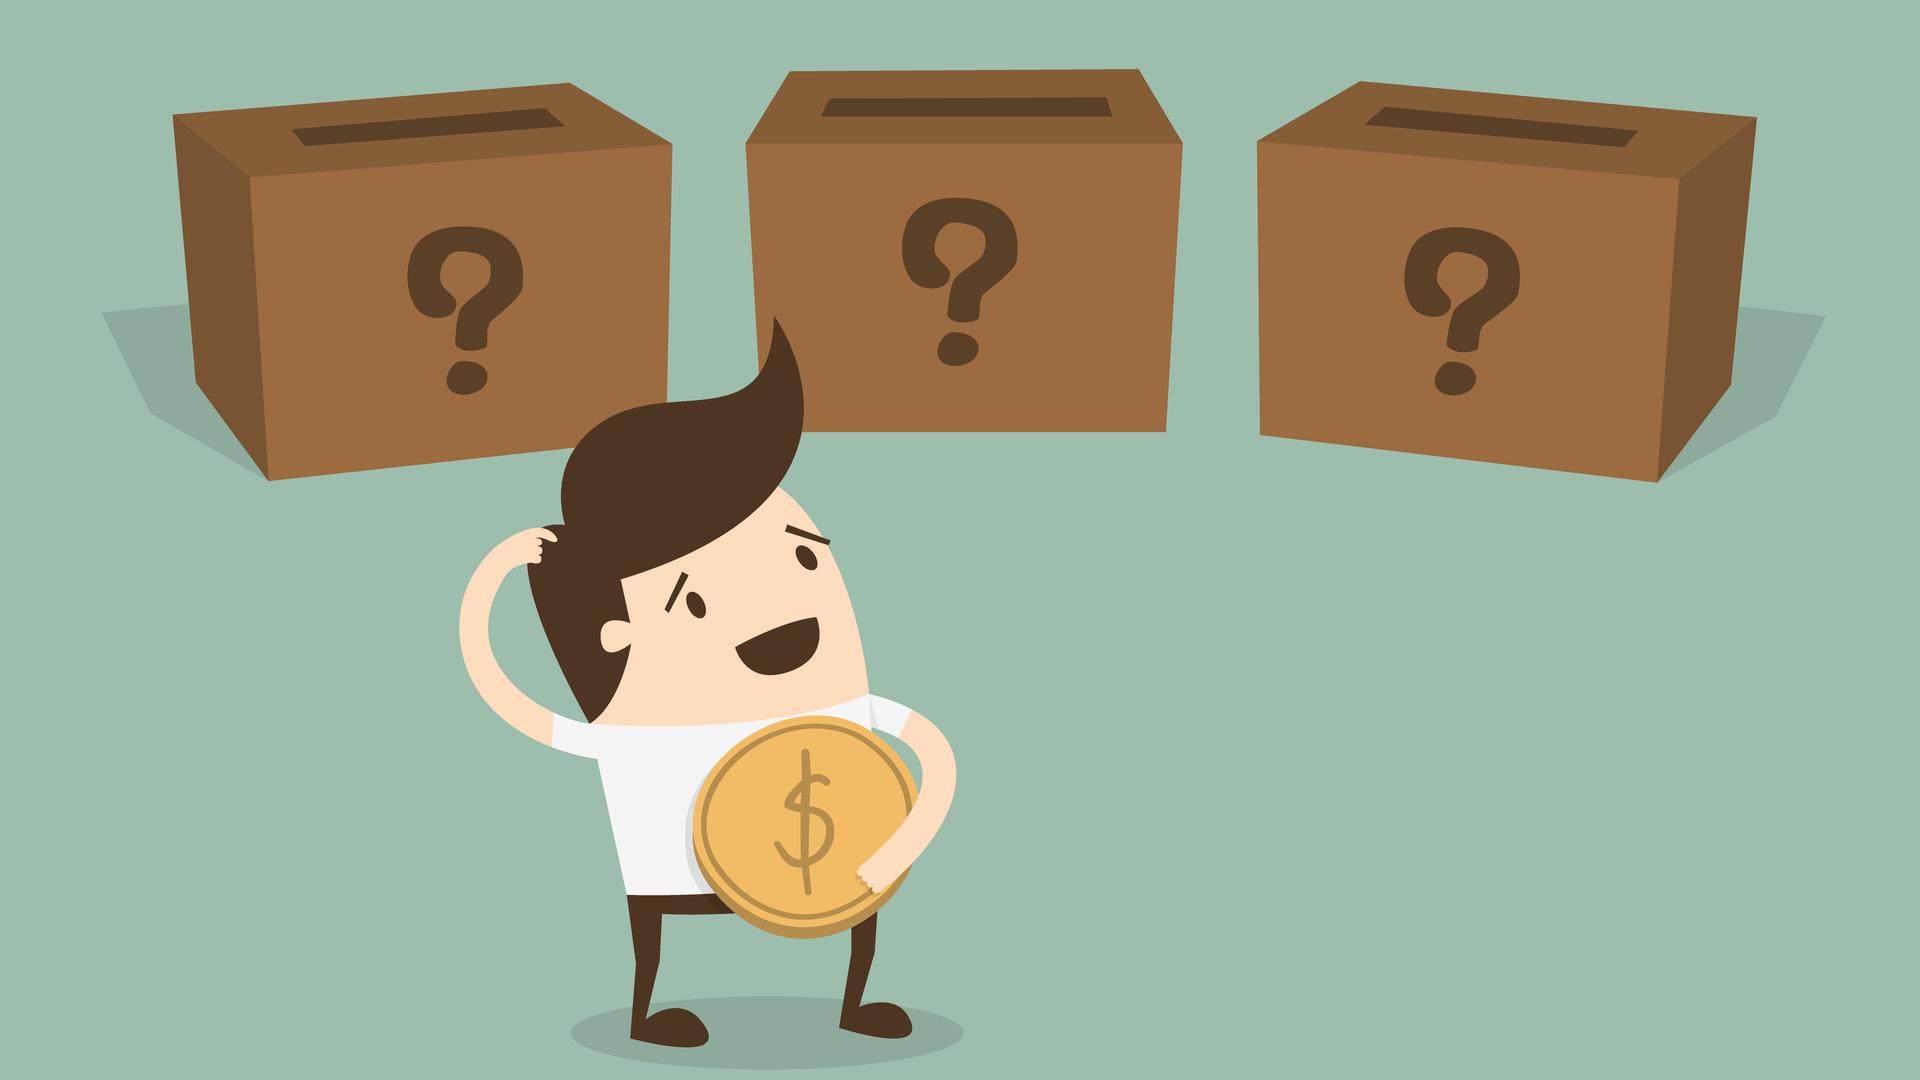 【介護ソフト】リース契約の料金とその評判とは?